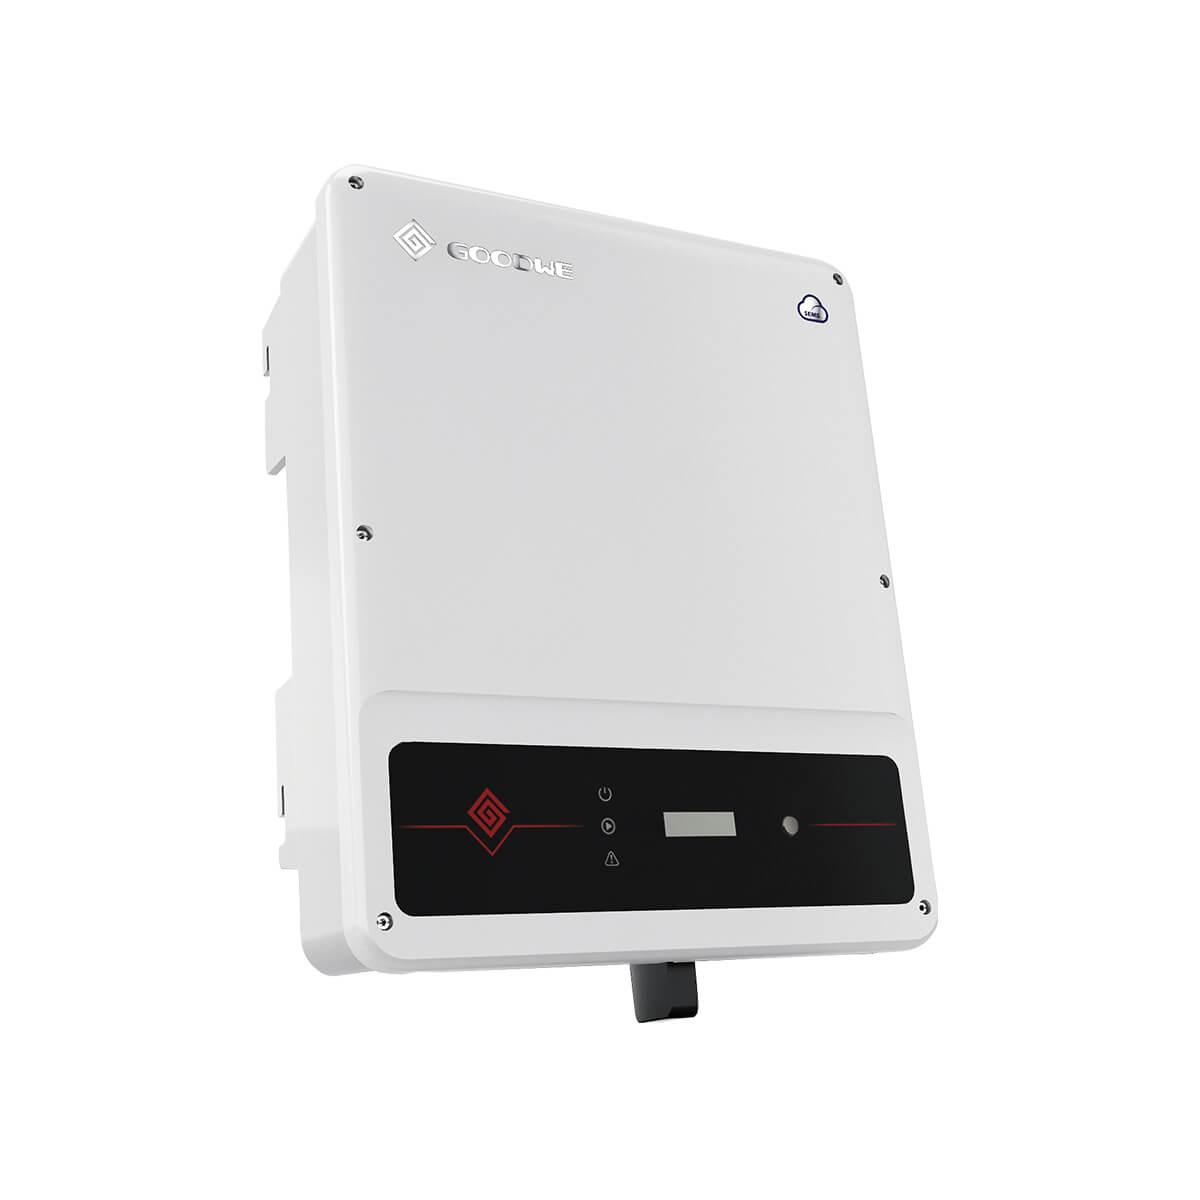 goodwe 4kW trifaz inverter, goodwe gw4k-dt 4kW trifaz inverter, goodwe gw4k-dt trifaz inverter, goodwe gw4k-dt, goodwe 4 kW